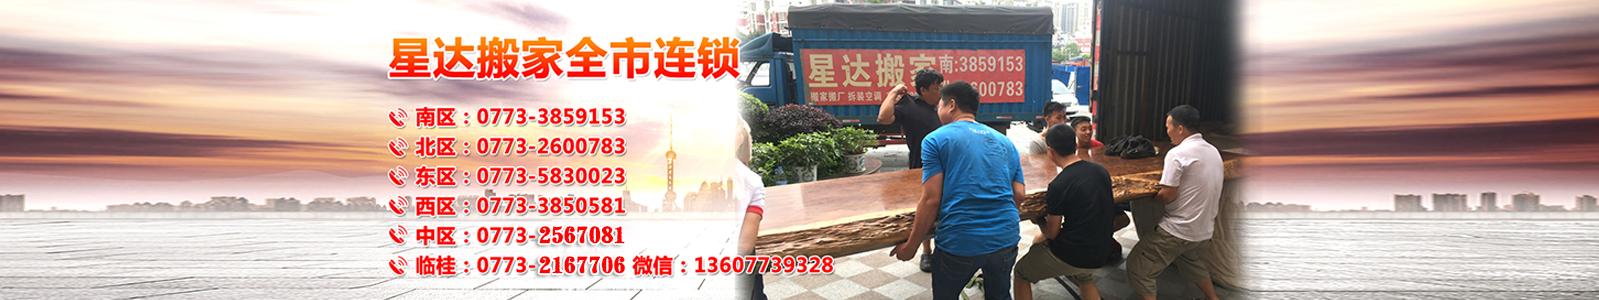 桂林临桂搬家搬厂电话:搬家重型设备搬家注意事项